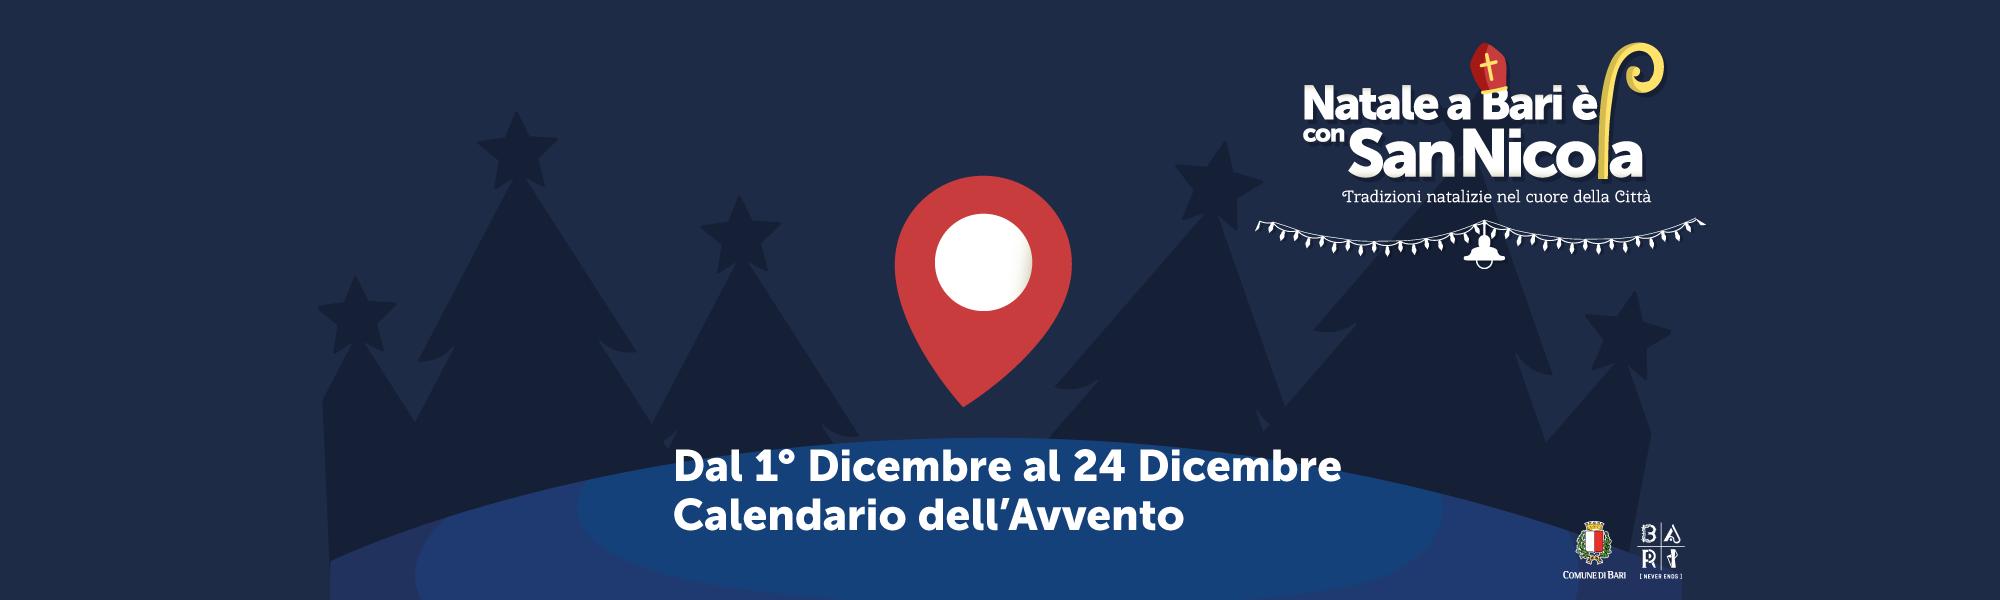 San Nicola Calendario.Calendario Dell Avvento Natale A Bari E Con San Nicola